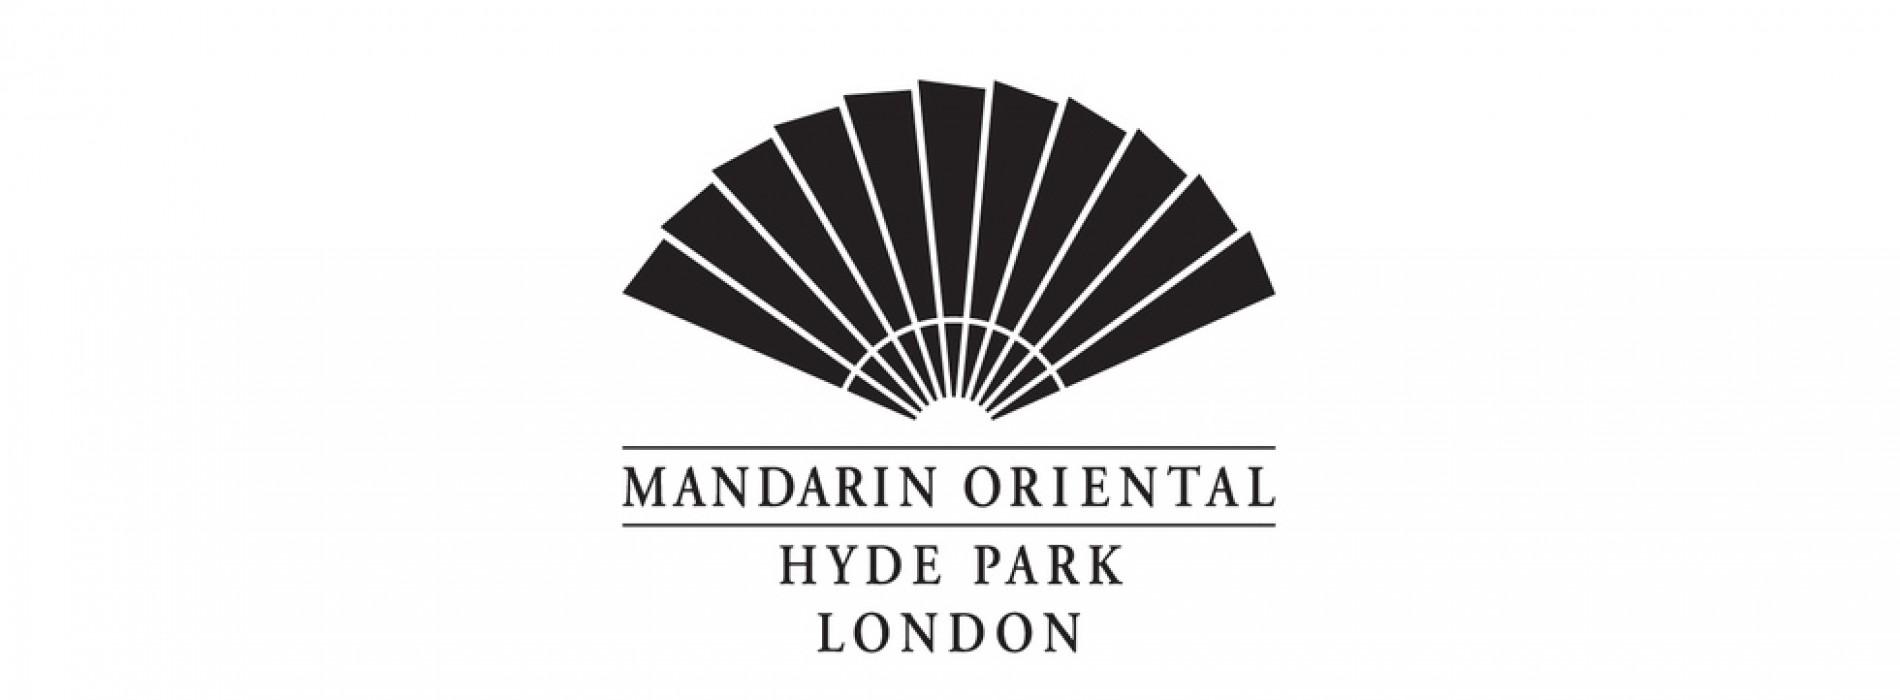 Sir Peter Blake Creates Bespoke Collage For Mandarin Oriental Hyde Park, London